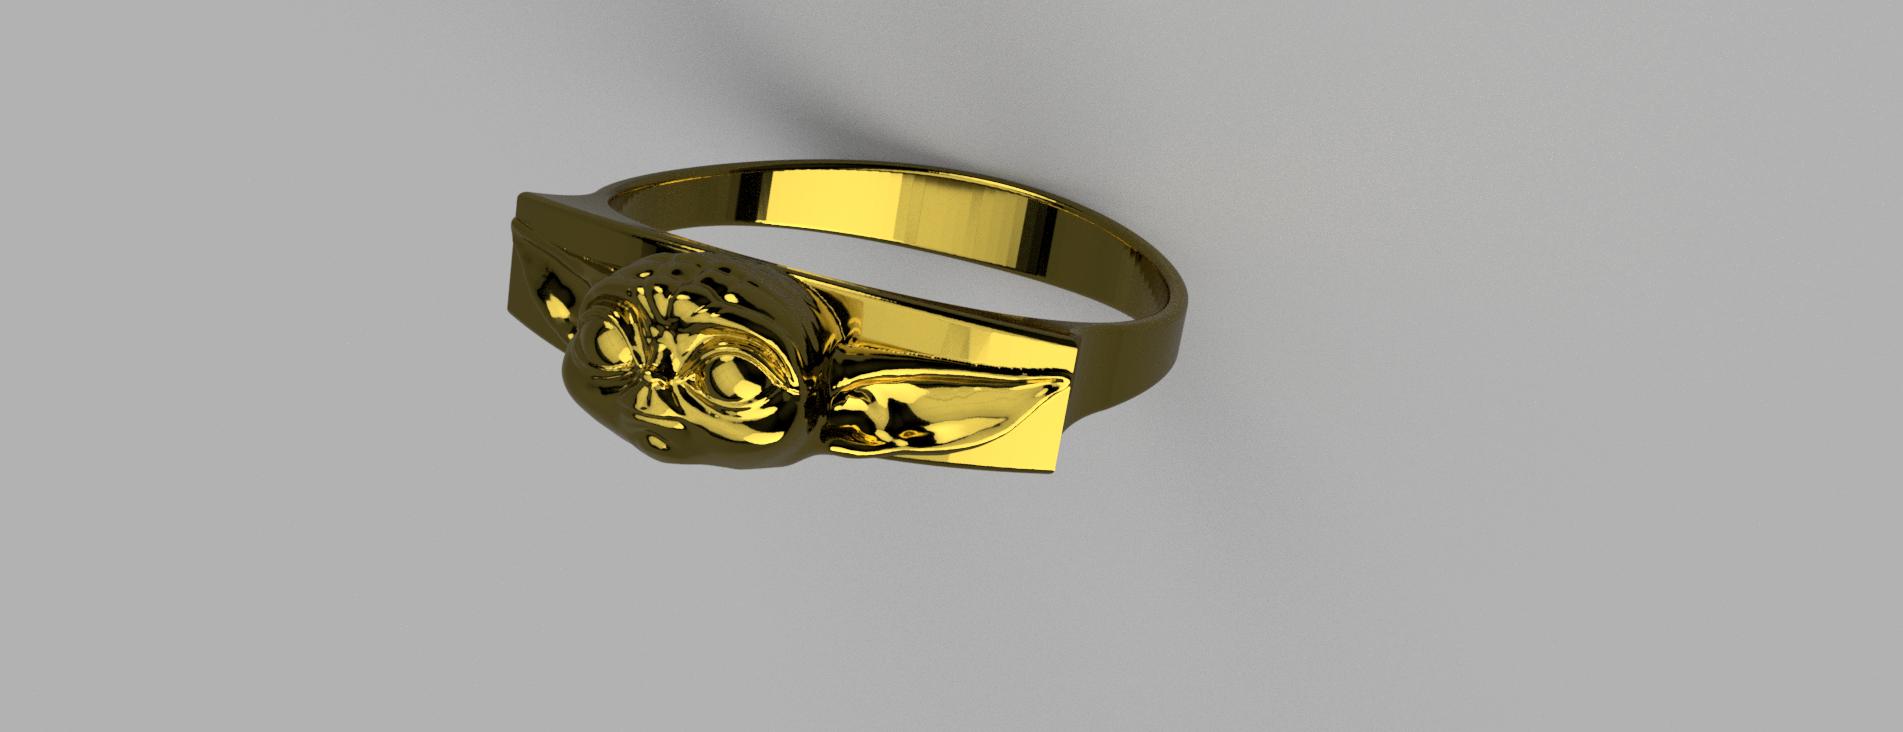 Baby_Yoda_Ring_17mm_Cut(FINAL)1.png Télécharger fichier STL gratuit Bébé Yoda Ring • Plan pour imprimante 3D, quaddalone